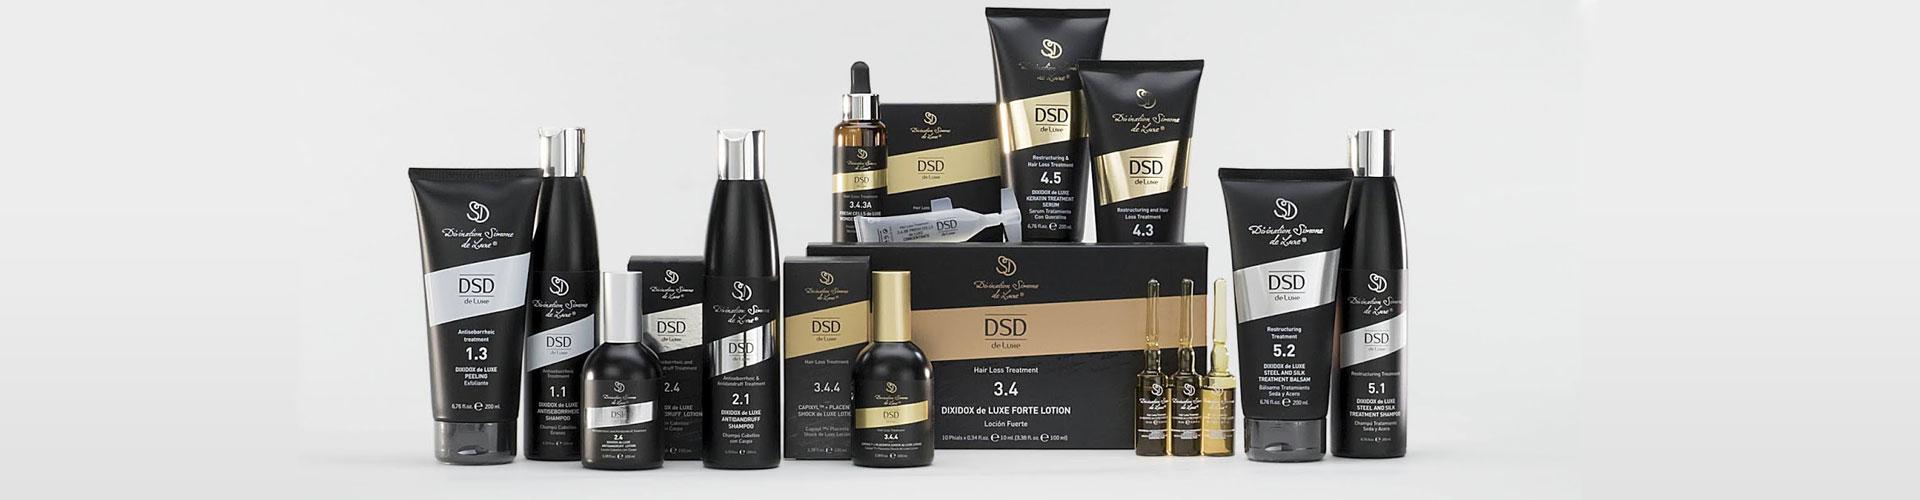 DSD de Luxe (Испания) - профессиональные средства против выпадения волос